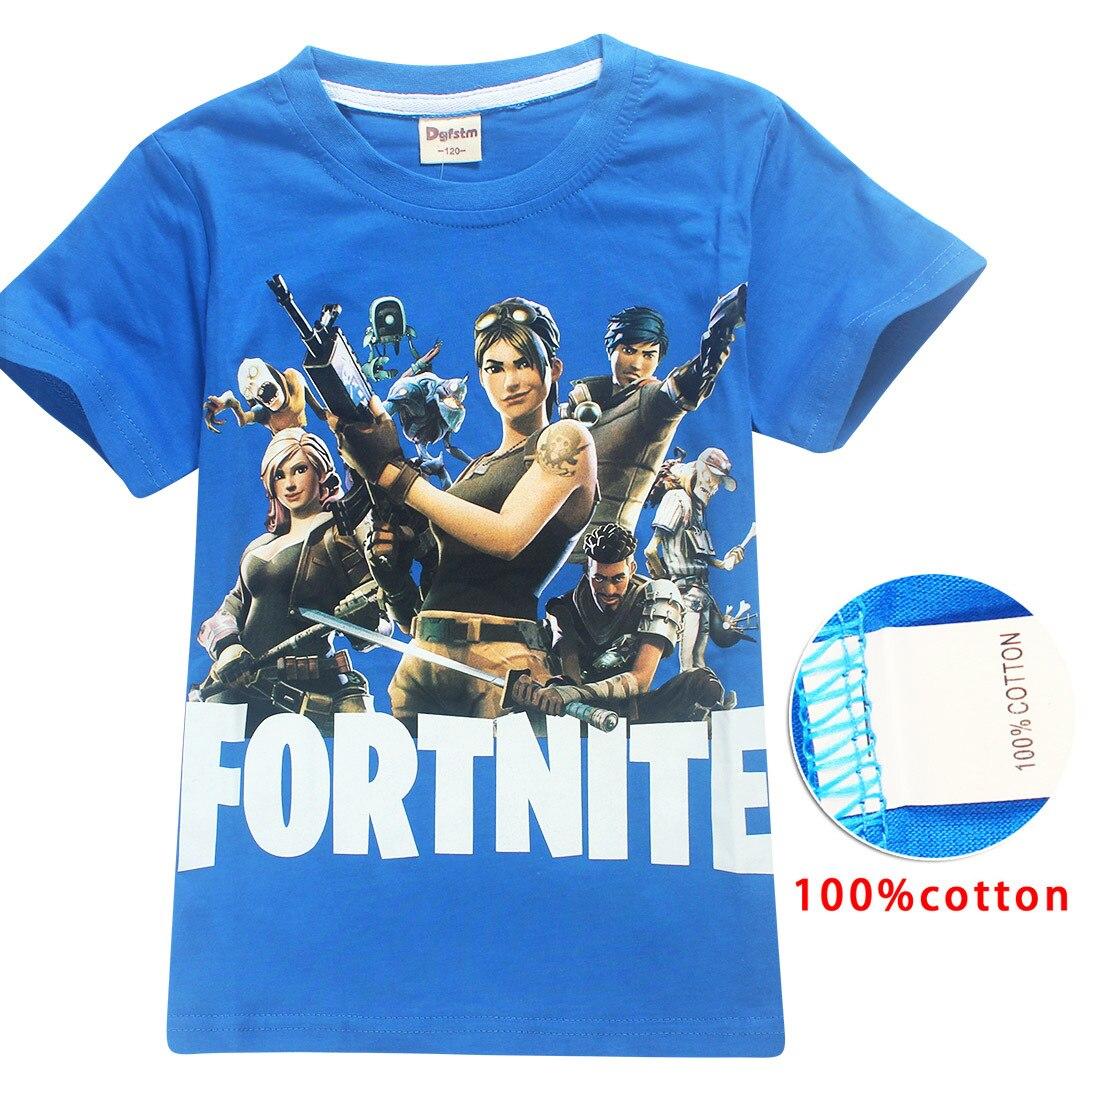 Натуральный хлопок Летние футболки Fortnite битва Легенда игровой узор Топы Детские футболки для девочек и мальчиков детская одежда 12 14 лет